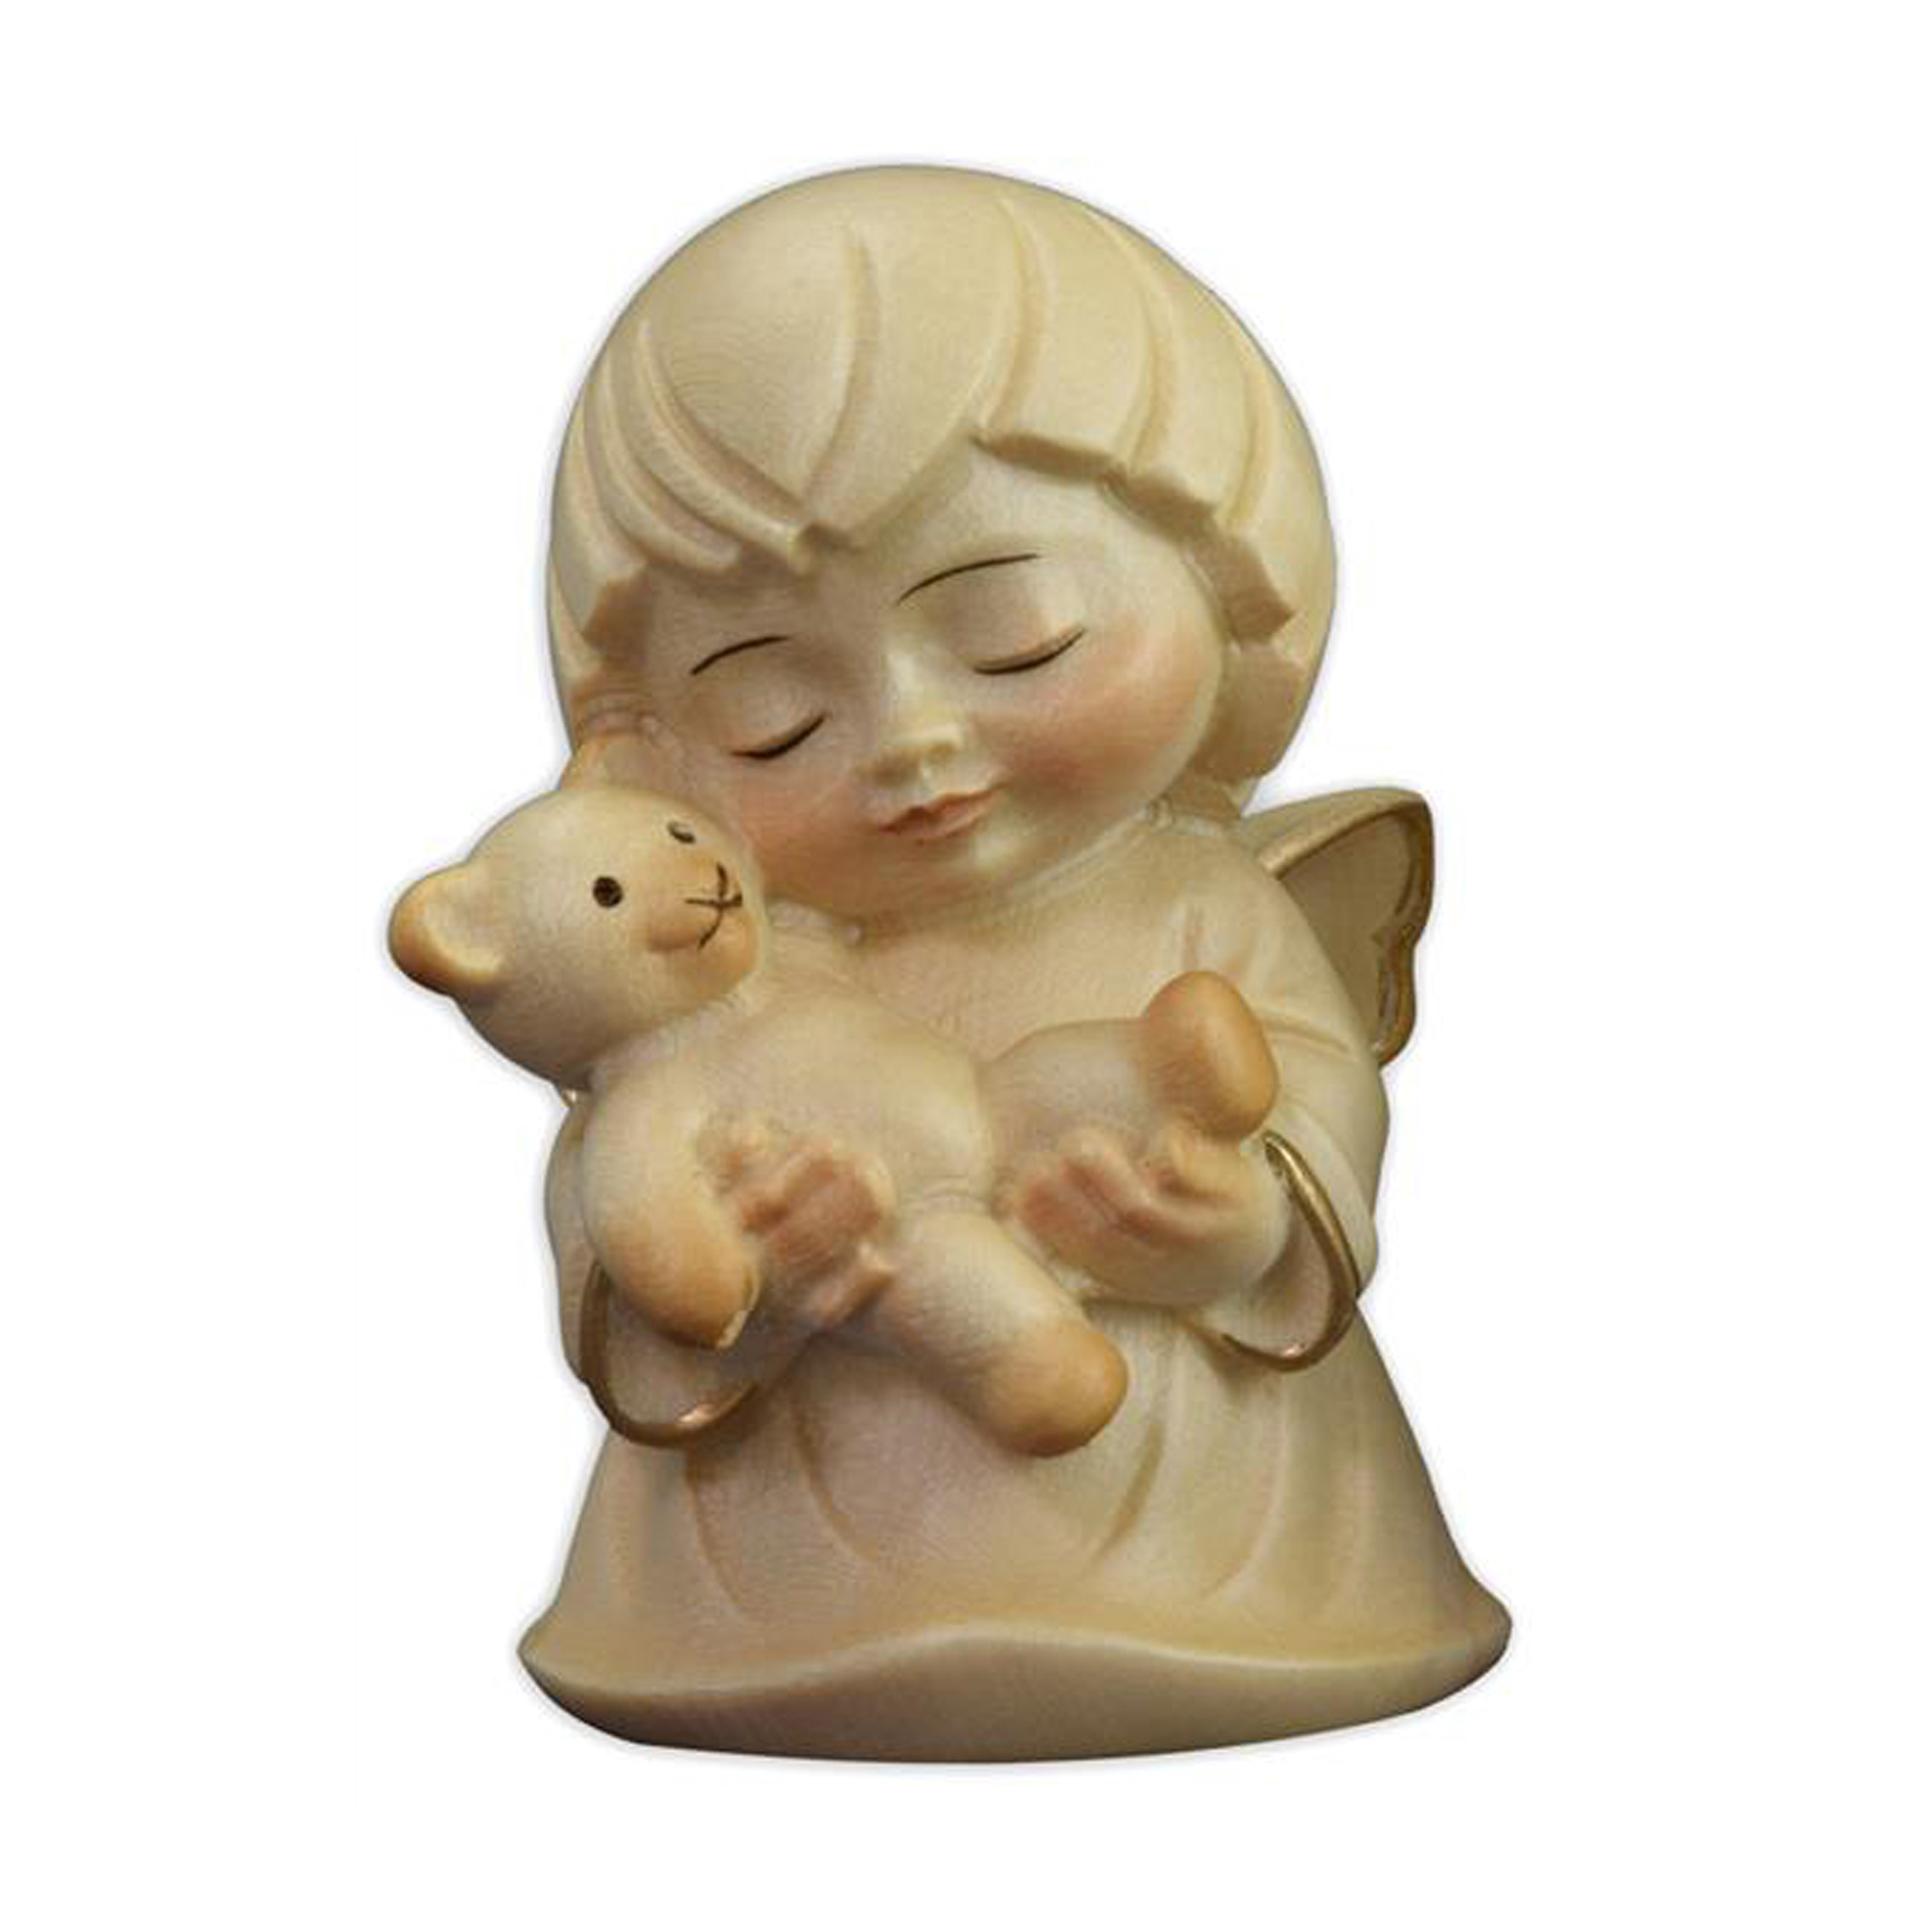 Engel mit Teddy, alabaster